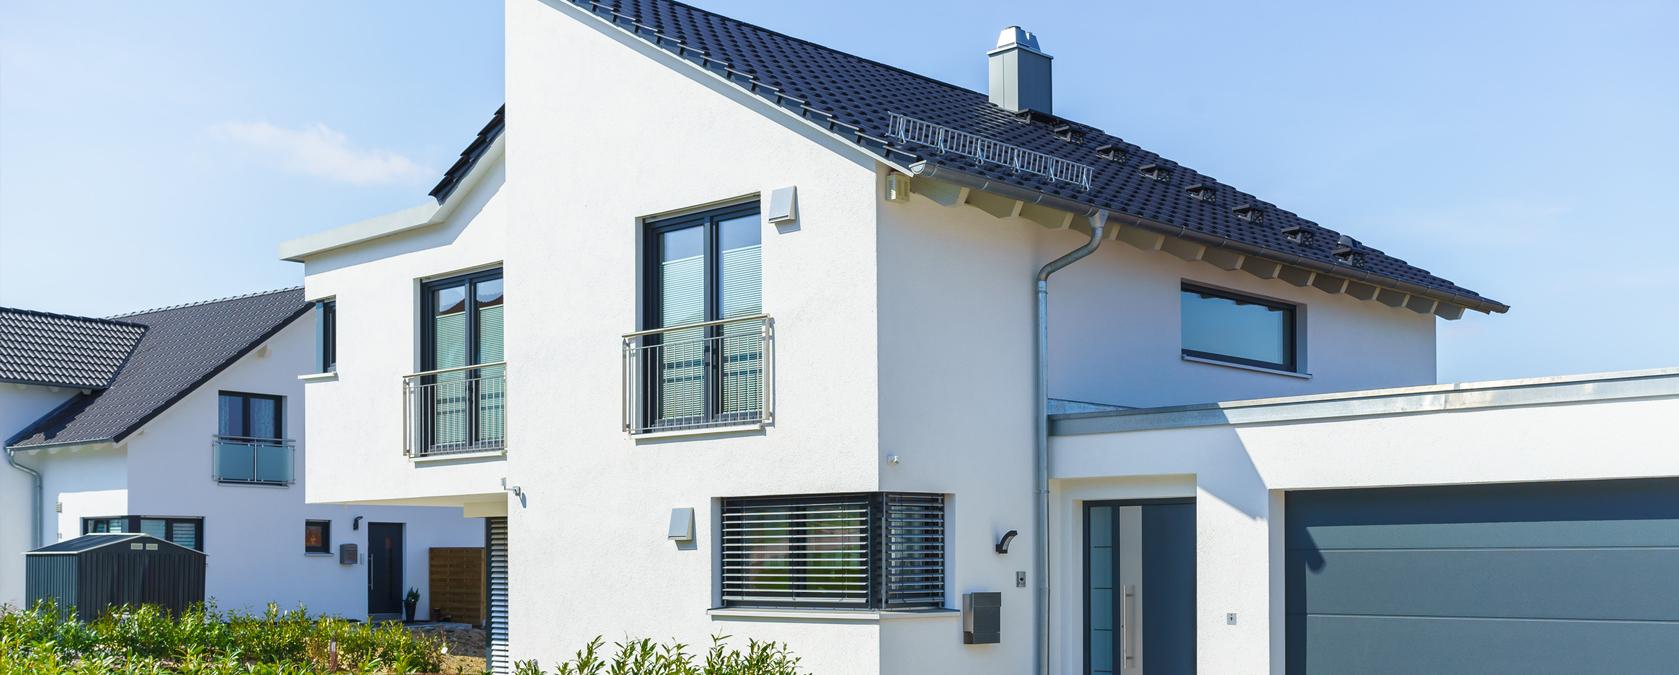 immobilien anspach olfersverkauf vermietung beratung immer f r sie da immobilien anspach. Black Bedroom Furniture Sets. Home Design Ideas